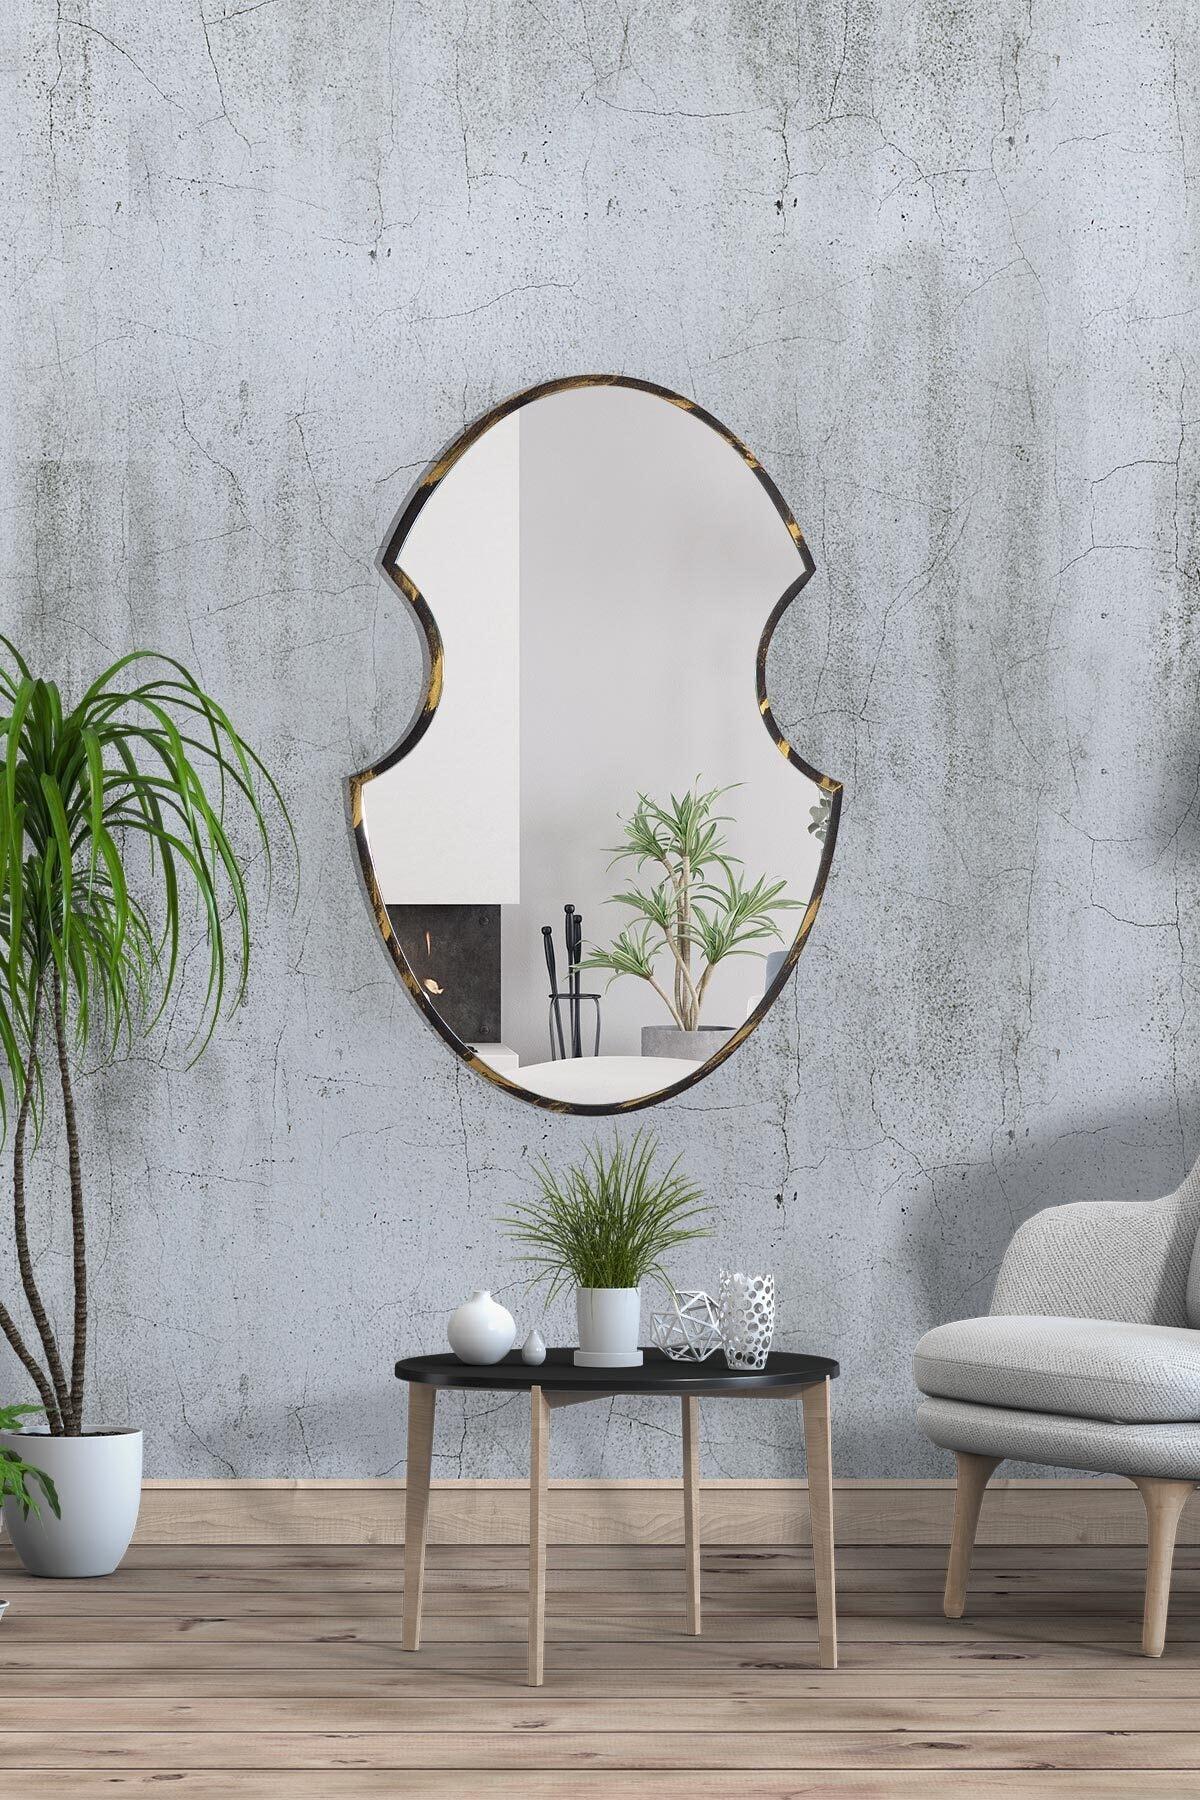 bluecape Shield 73 Cm Siyah Gold Eskitme Hol Koridor Duvar Salon Mutfak Banyo Wc Ofis Çocuk Yatak Odası Ayna 2